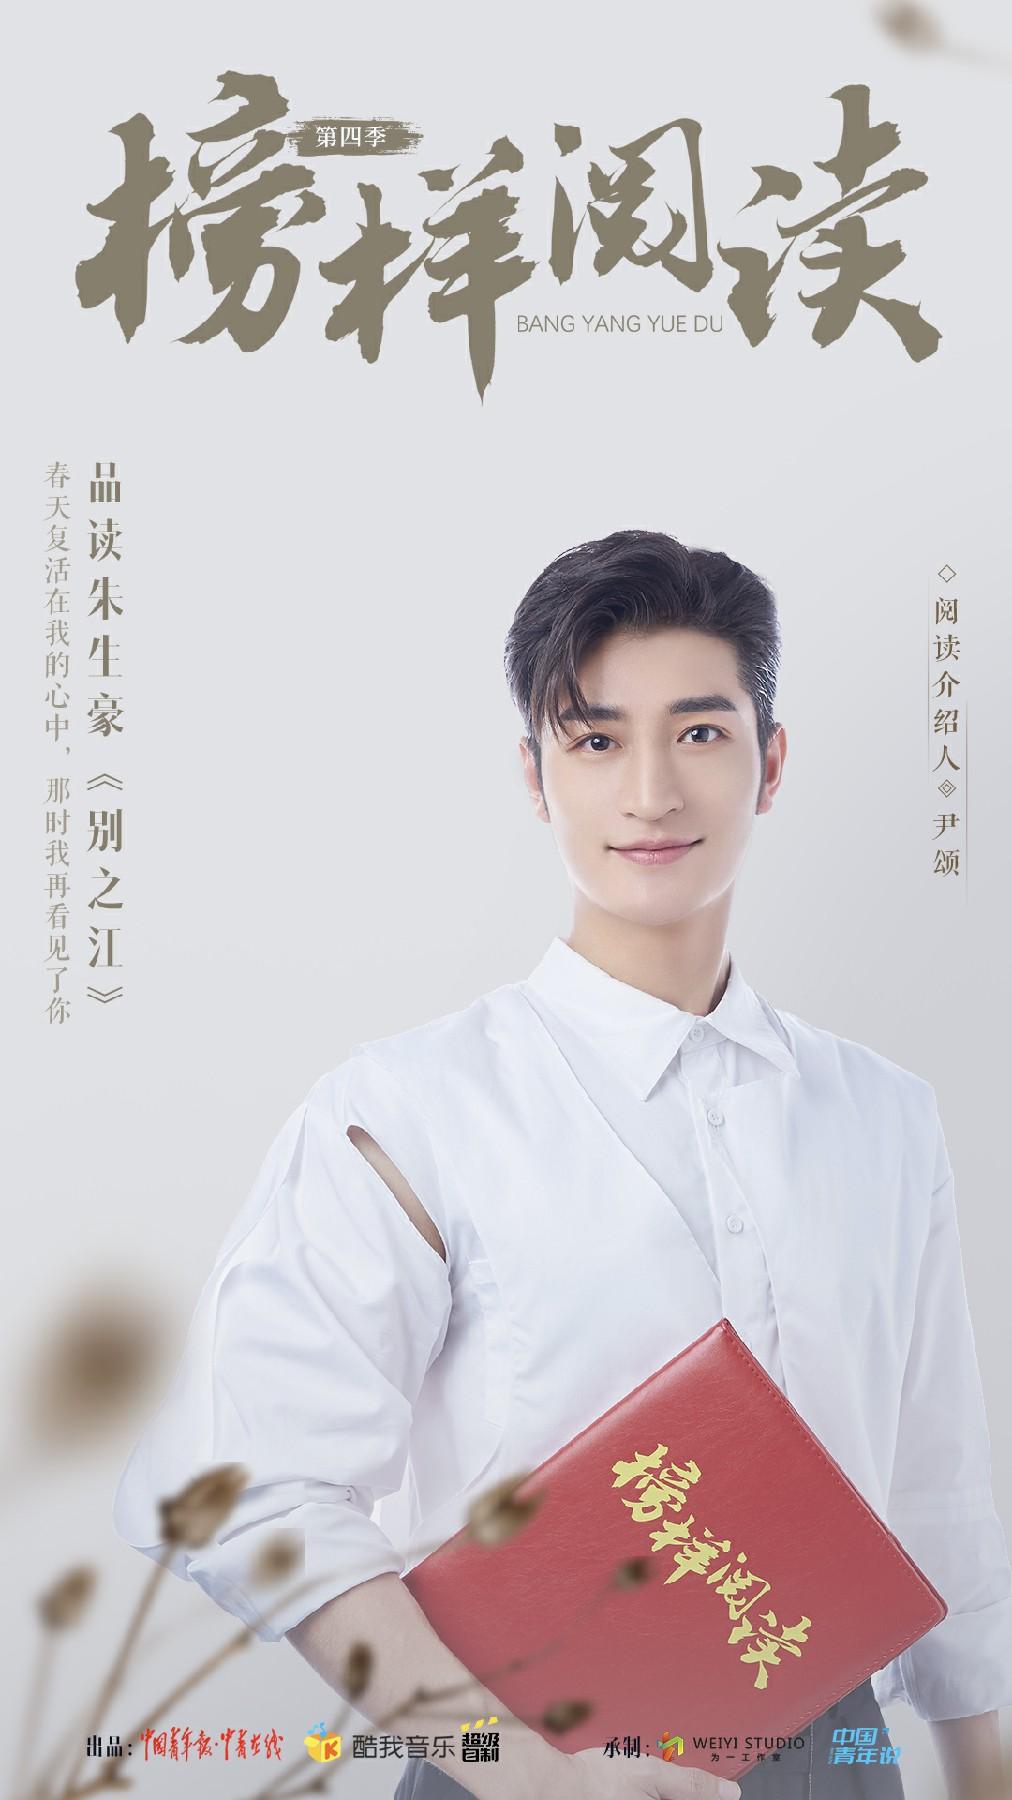 尹颂——在《榜样阅读》中汲取力量 修筑梦想